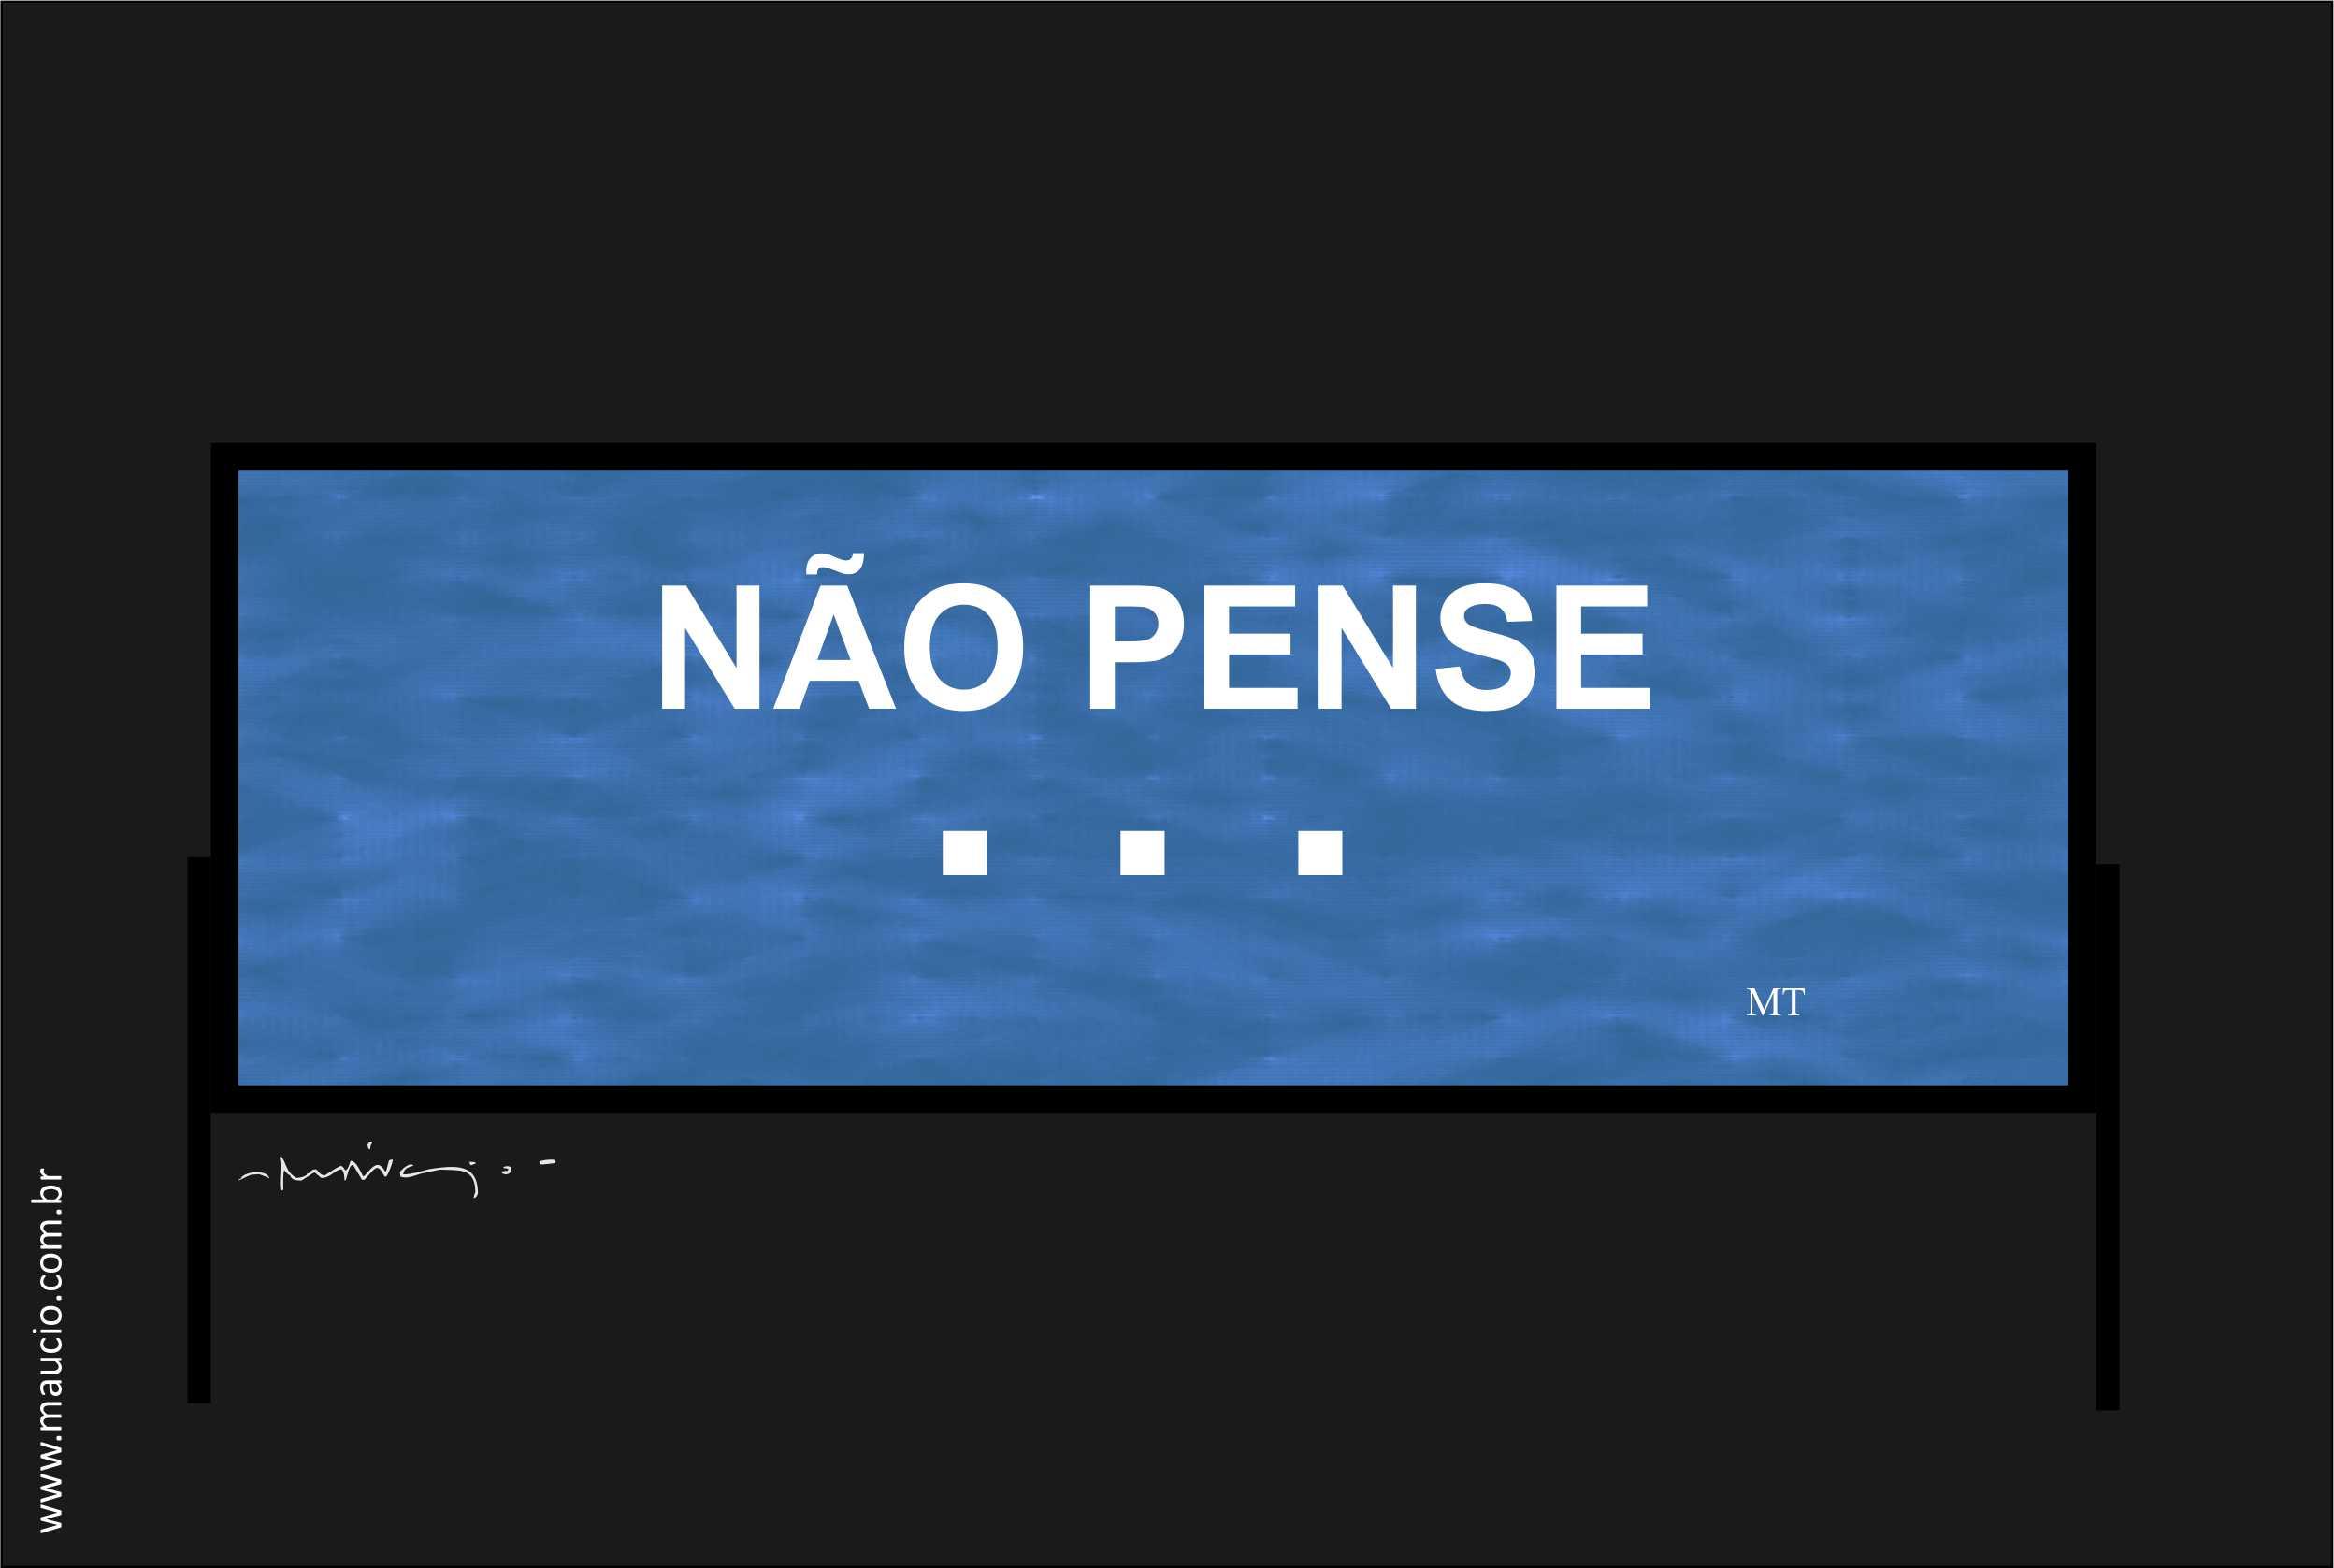 NÃO PENSE site